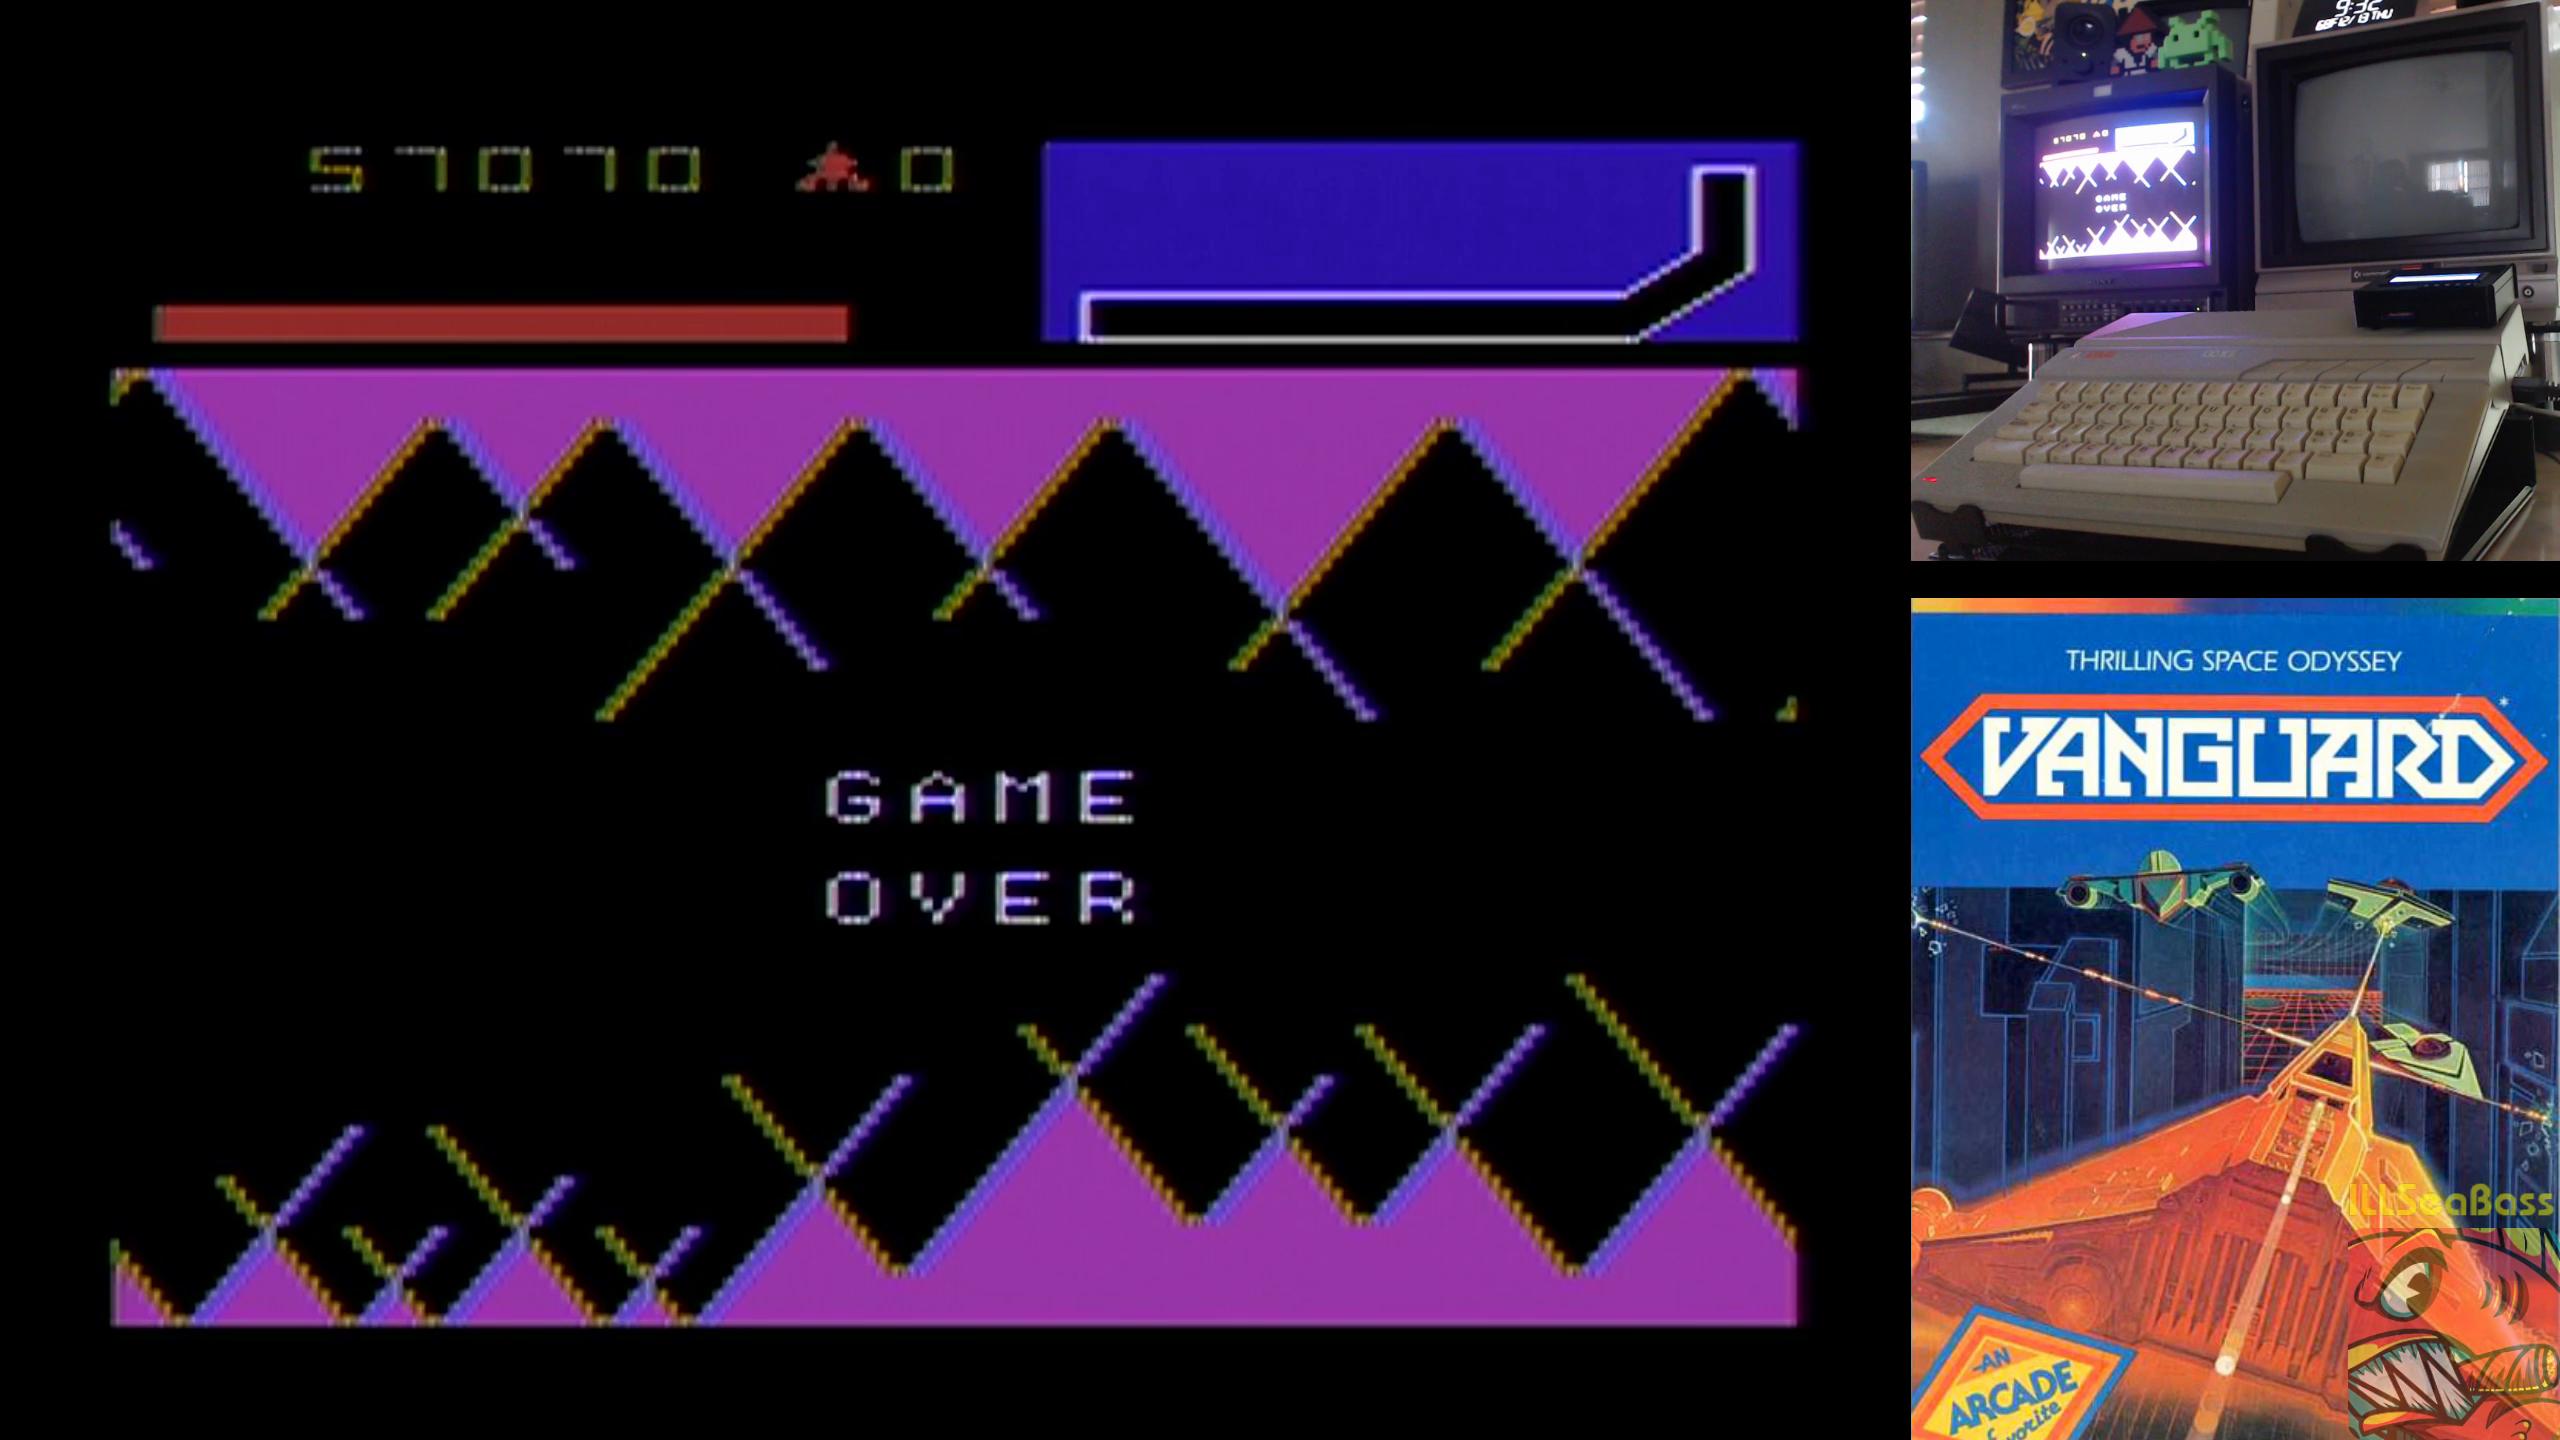 ILLSeaBass: Vanguard (Atari 400/800/XL/XE) 57,070 points on 2018-12-17 01:37:07